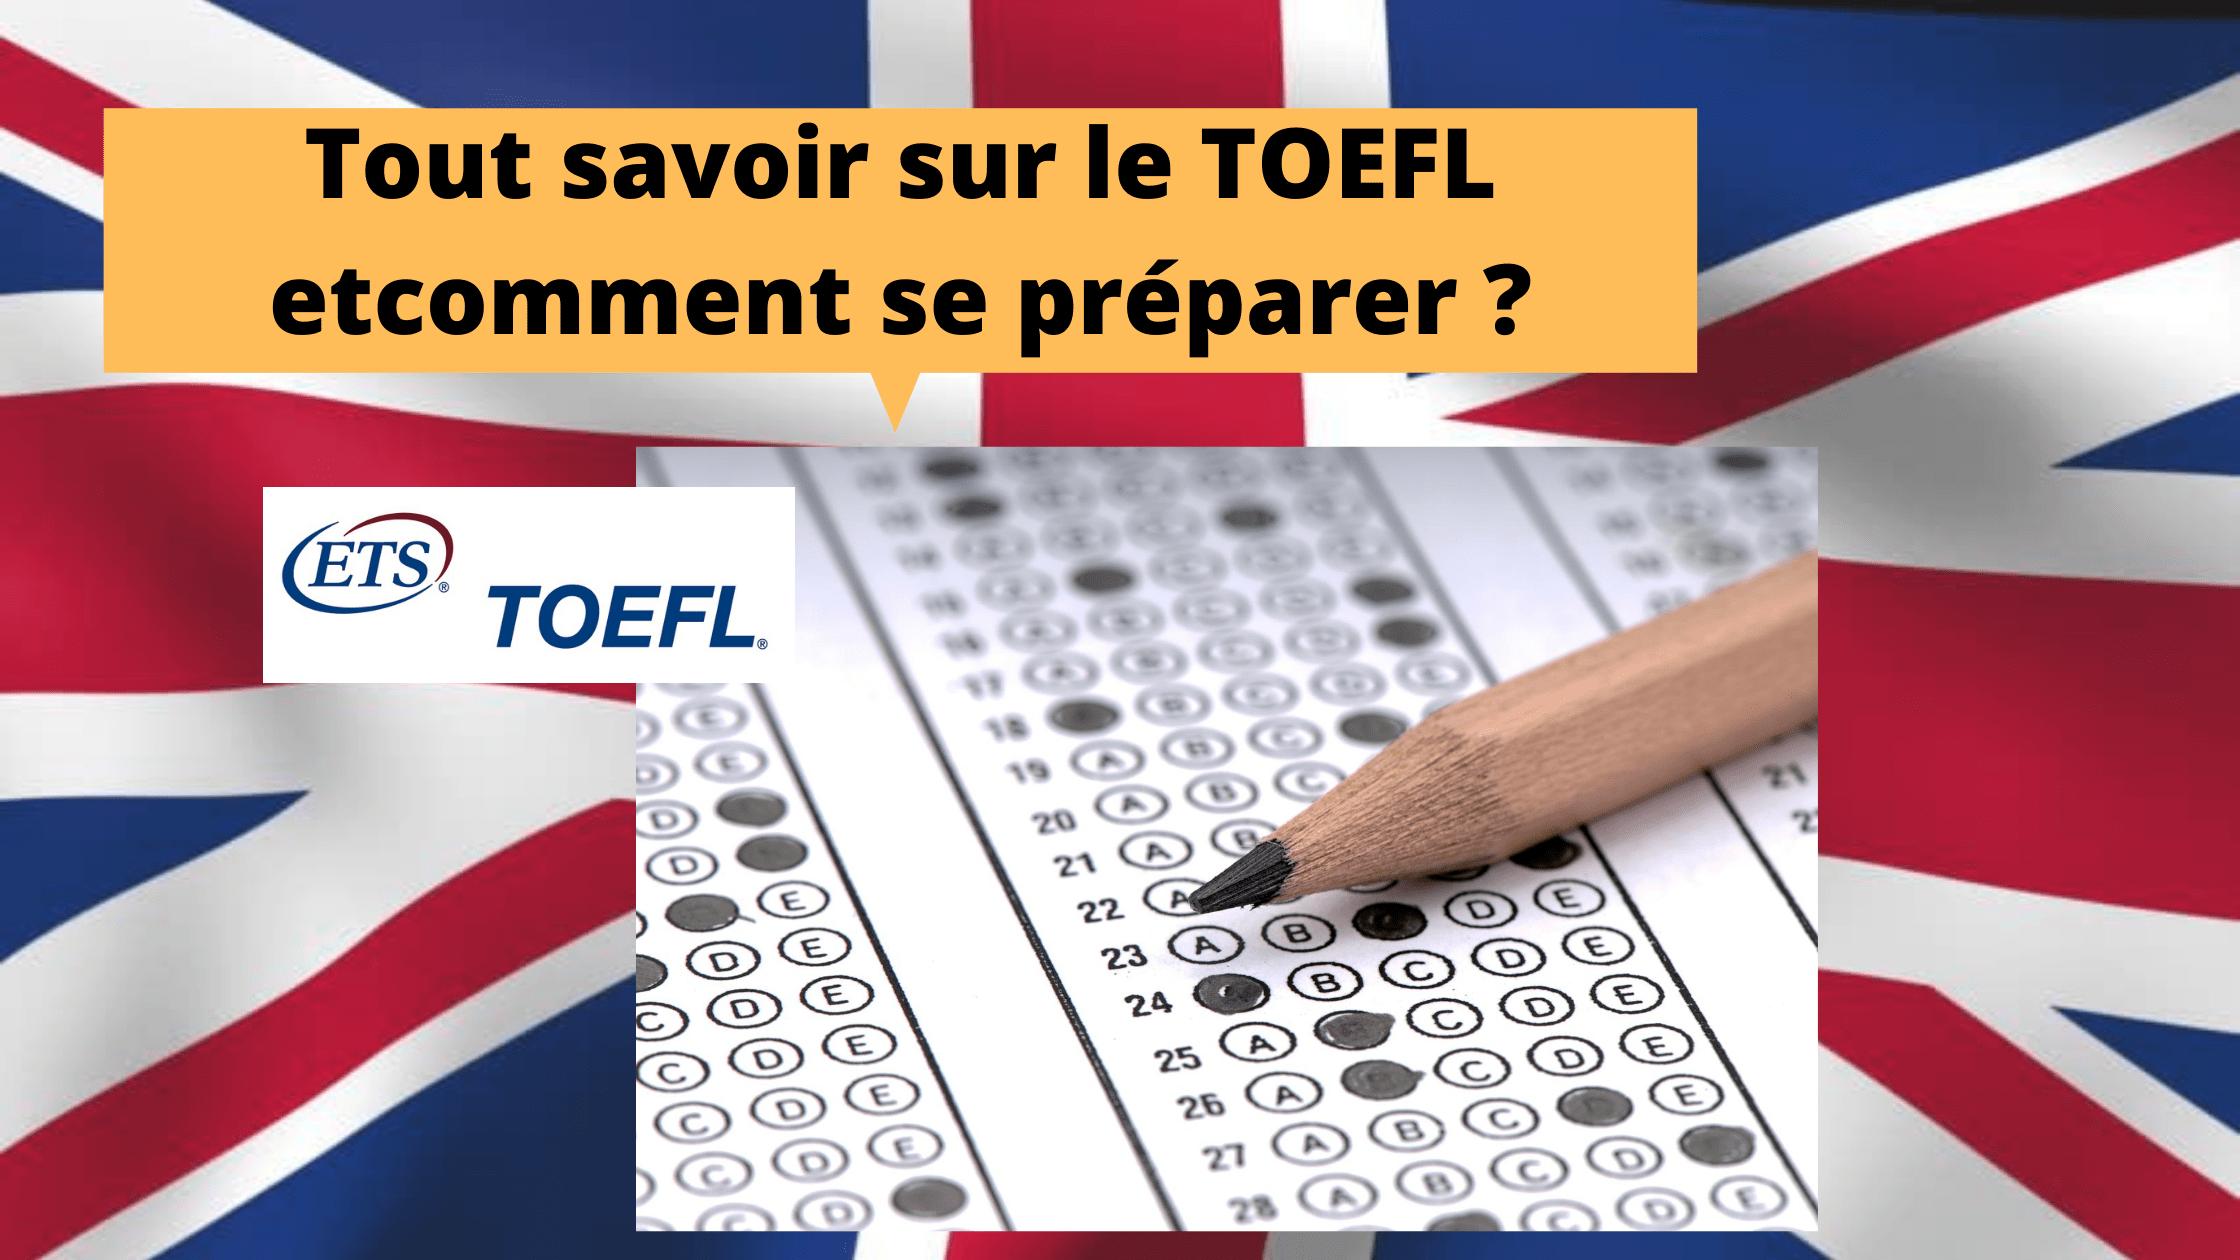 Tout savoir sur le TOEFL et comment se préparer à passer le test ?